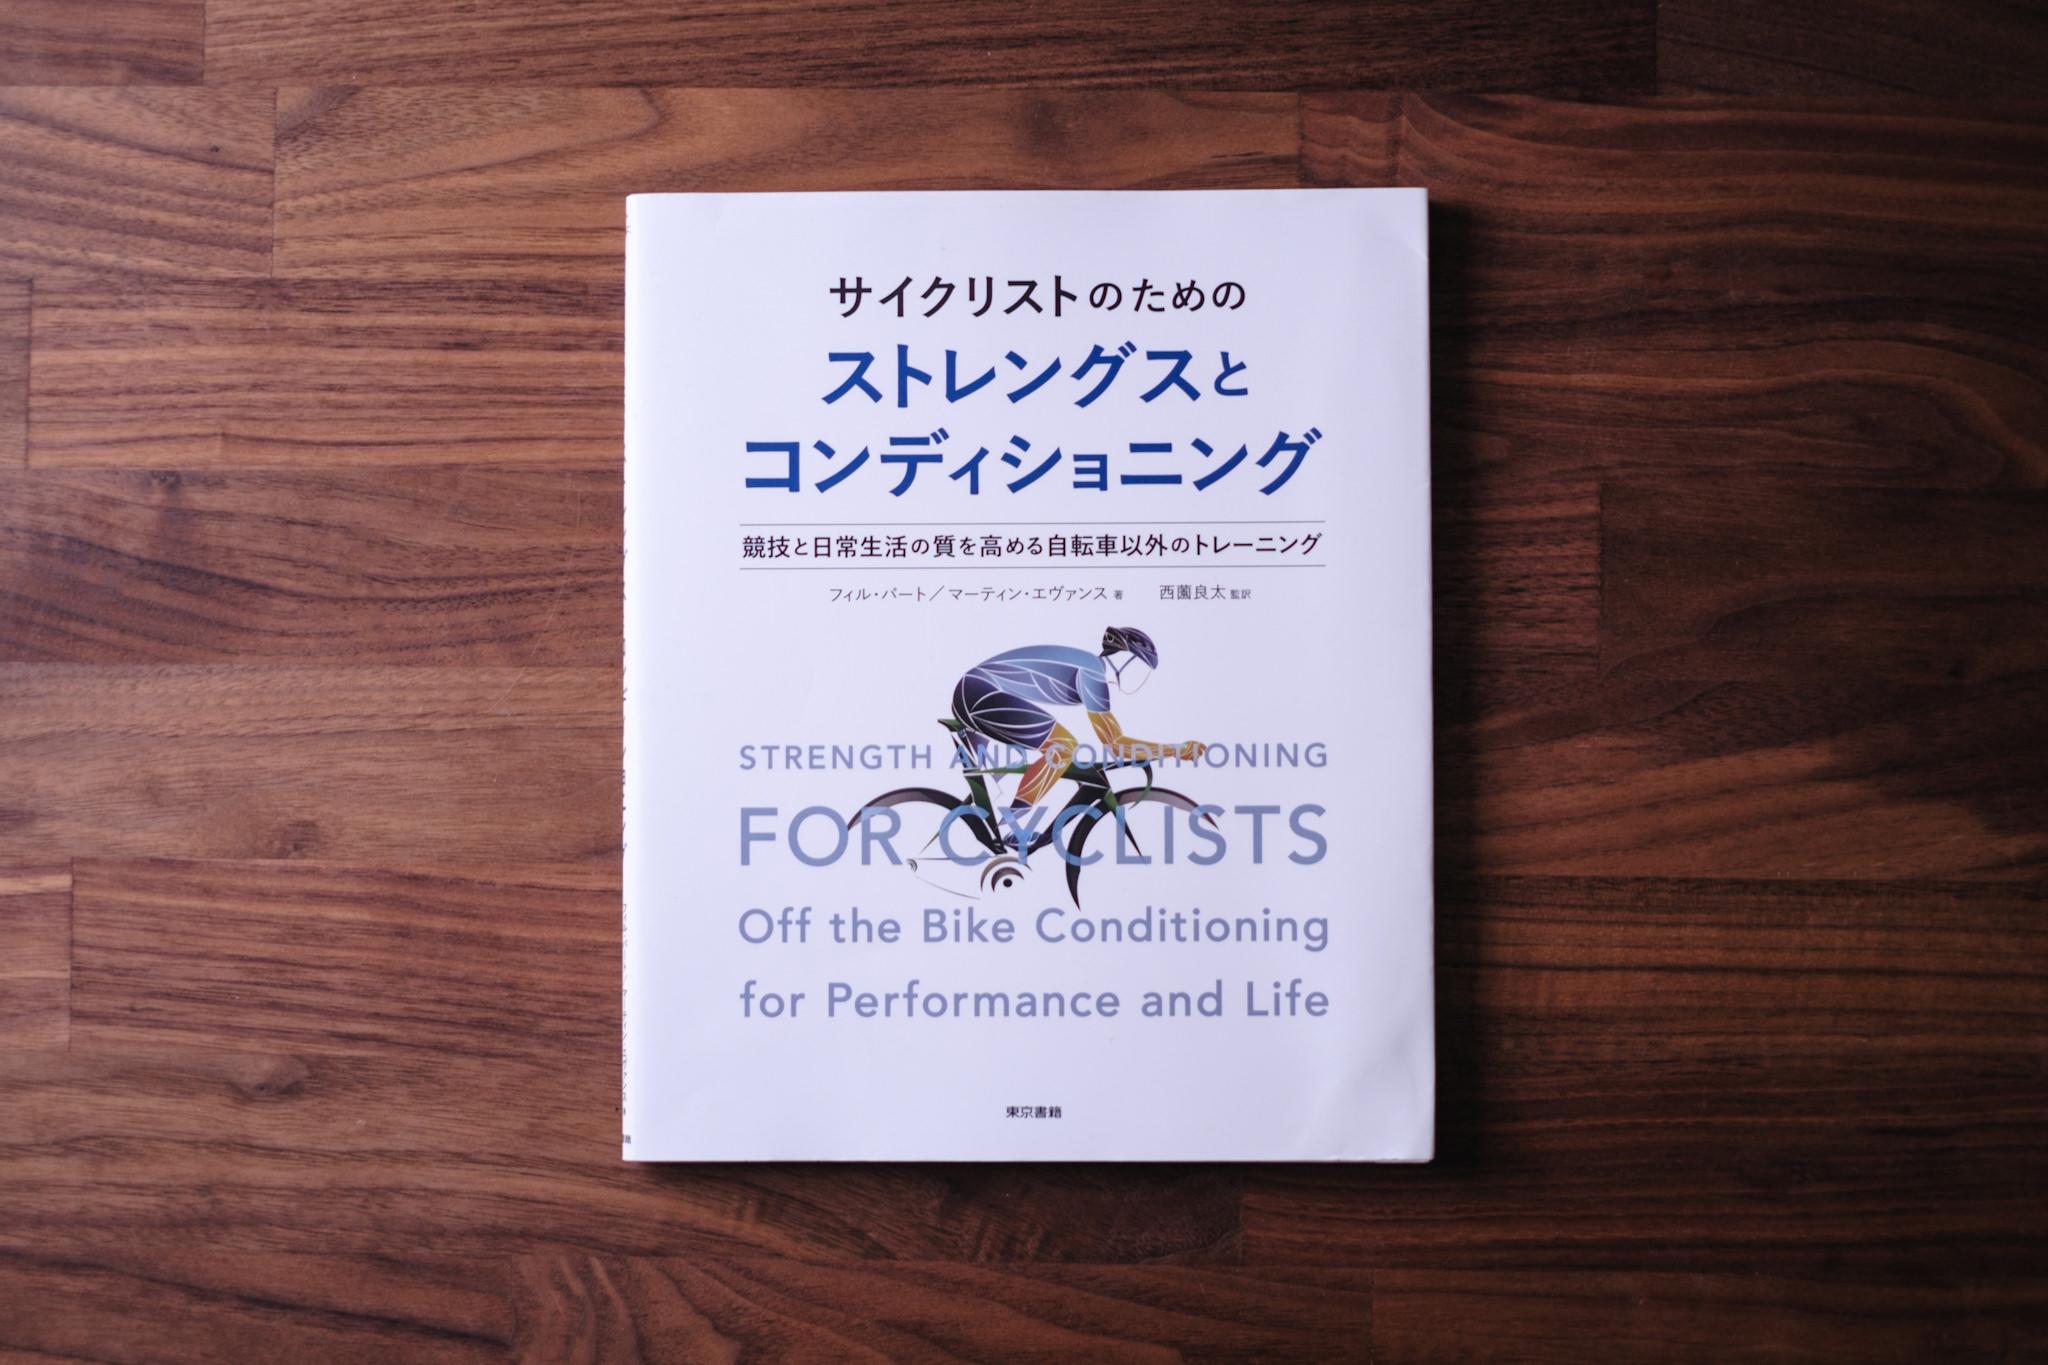 書籍:ストレングスとコンディショニング